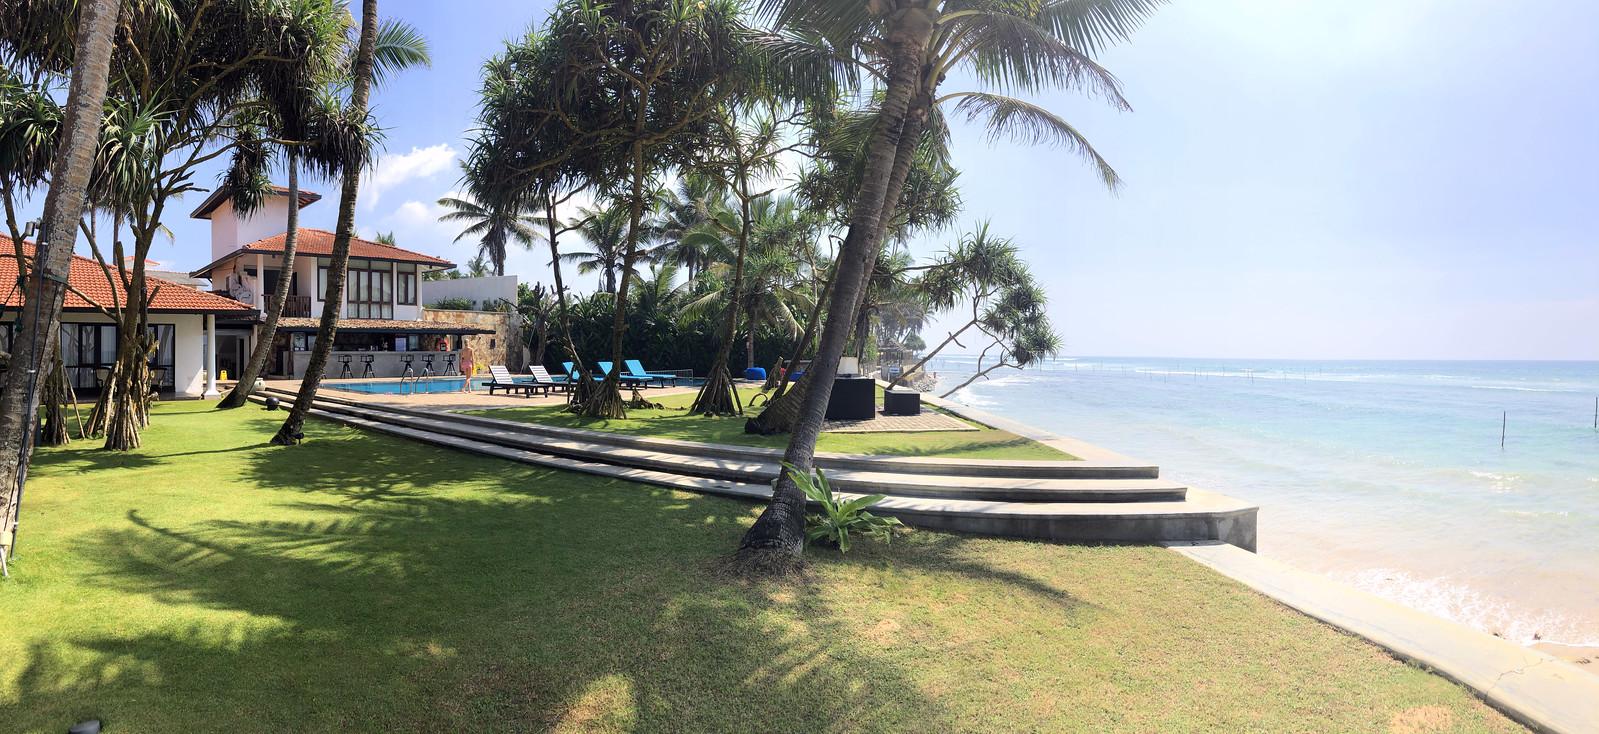 Qué hacer en Unawatuna, Sri Lanka qué hacer en unawatuna - 46412011694 ef0b431809 h - Qué hacer en Unawatuna, el paraíso de Sri Lanka